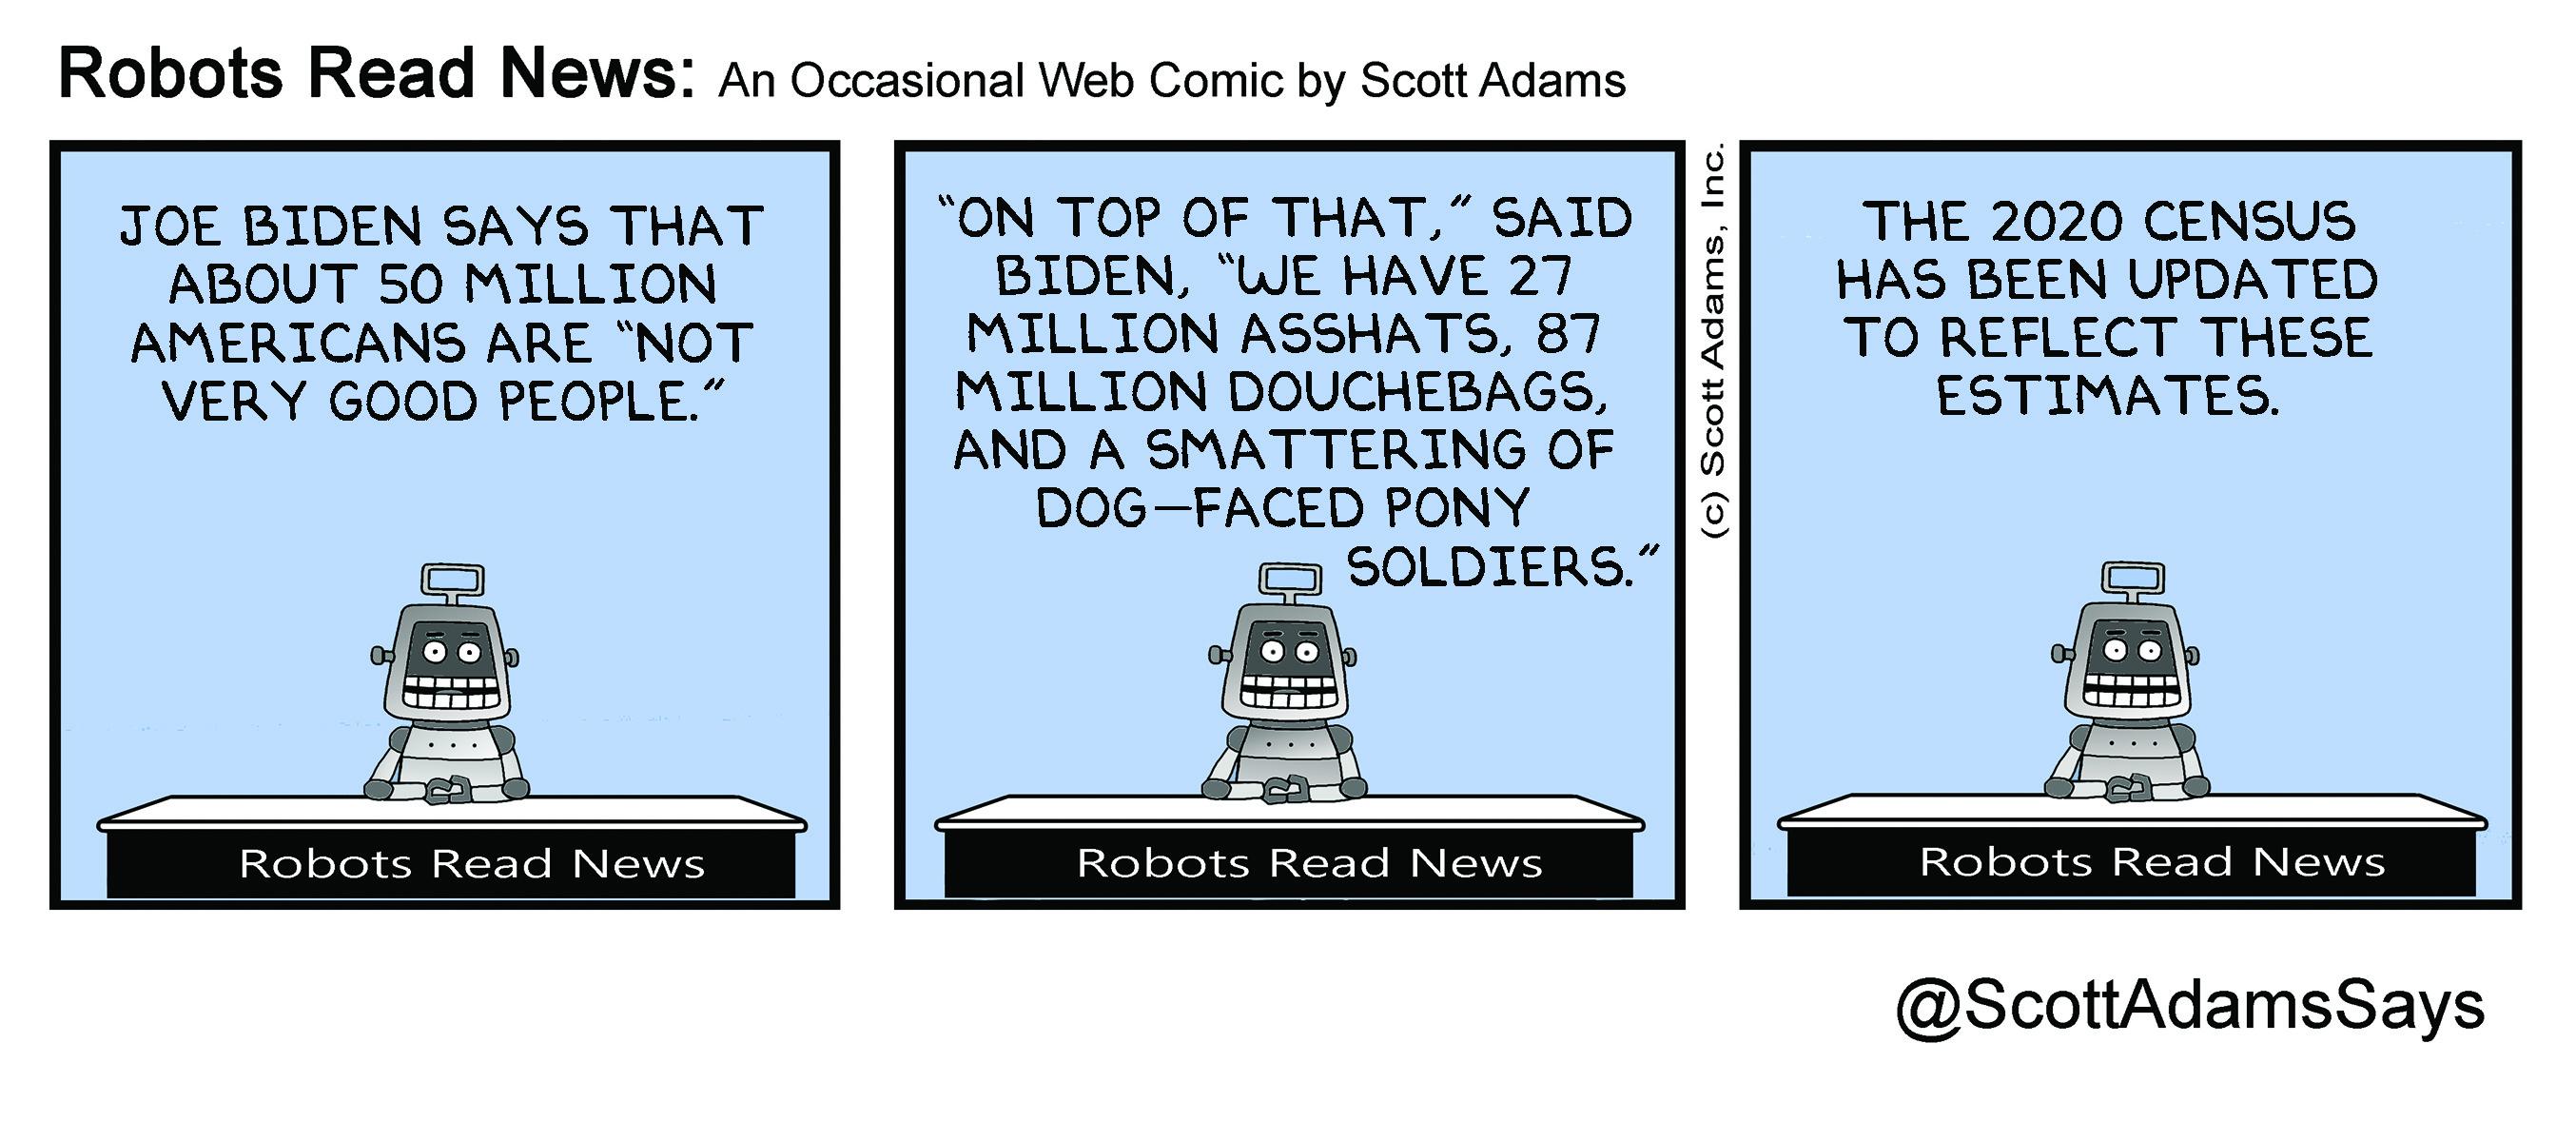 Robots Read News